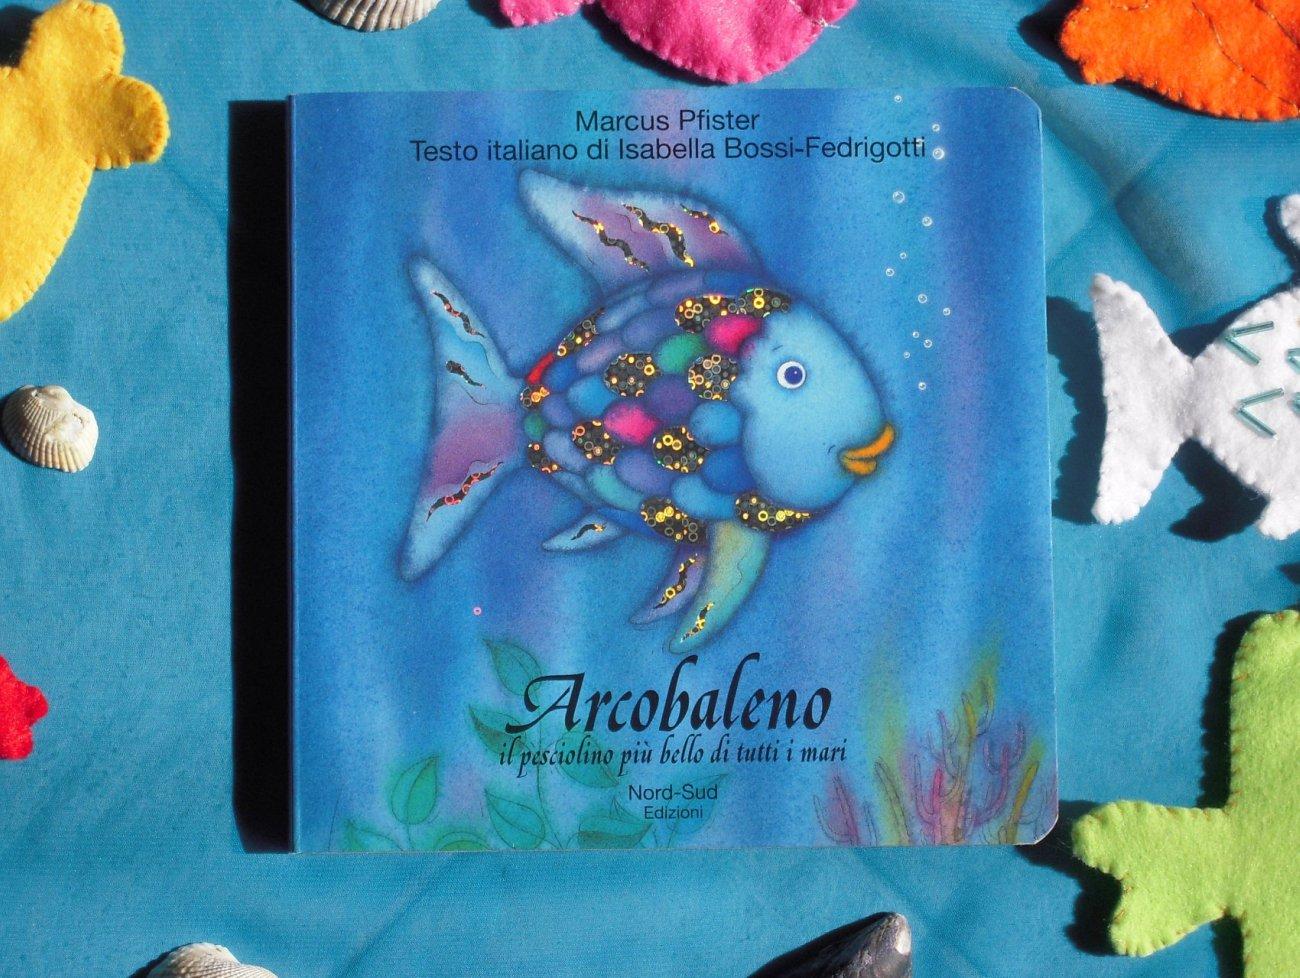 Mamma claudia e le avventure del topastro i venerd del for Disegni pesciolino arcobaleno